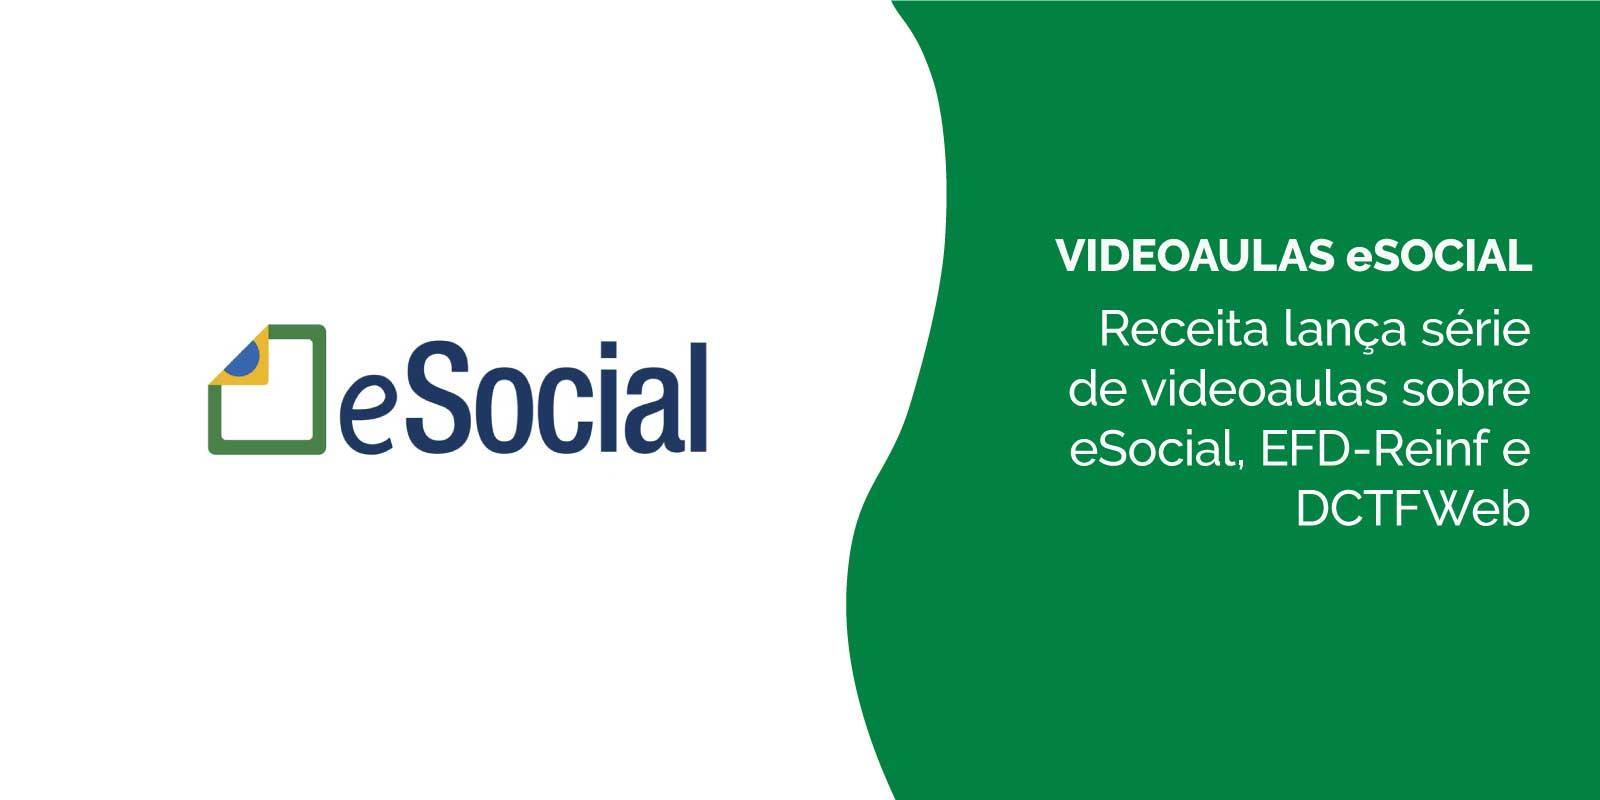 Receita lança série com 10 videoaulas sobre eSocial, EFD-Reinf e DCTFWeb